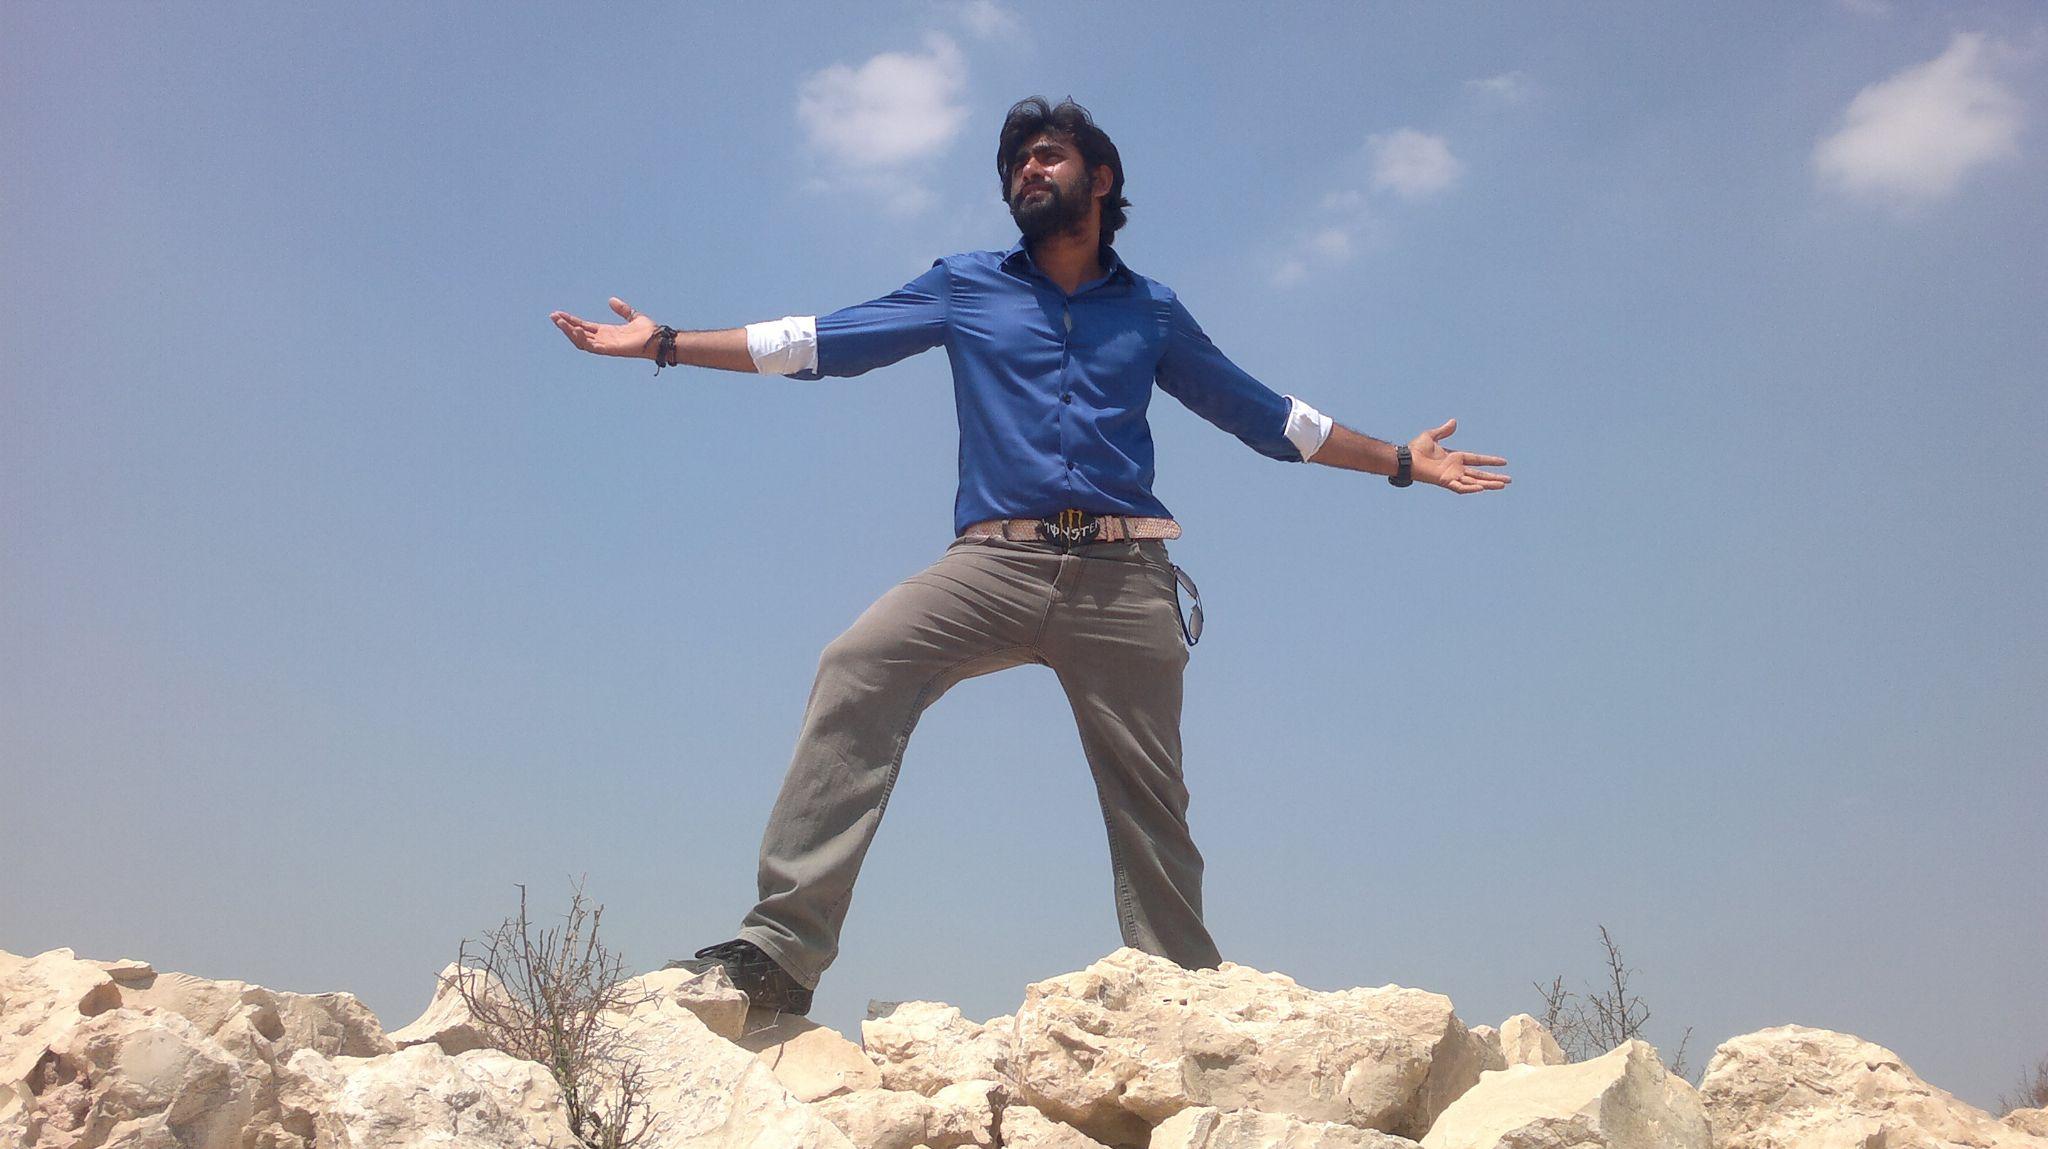 Saleem khuhawar by khuhawar.khan